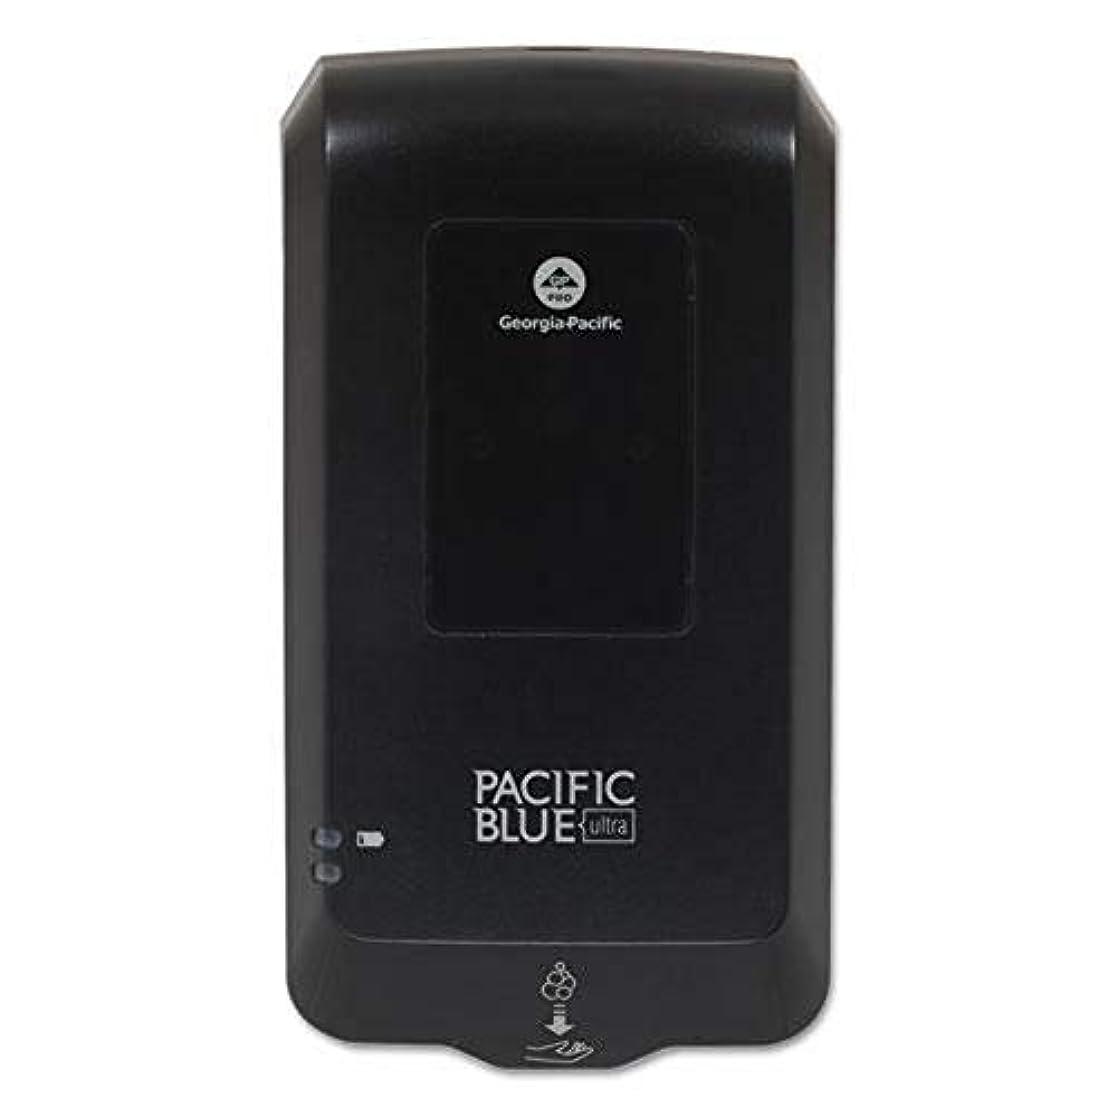 参照する嘆願怒りGPC53590 - パシフィックブルー ウルトラプロ ブルー ウルトラ自動ディスペンサー